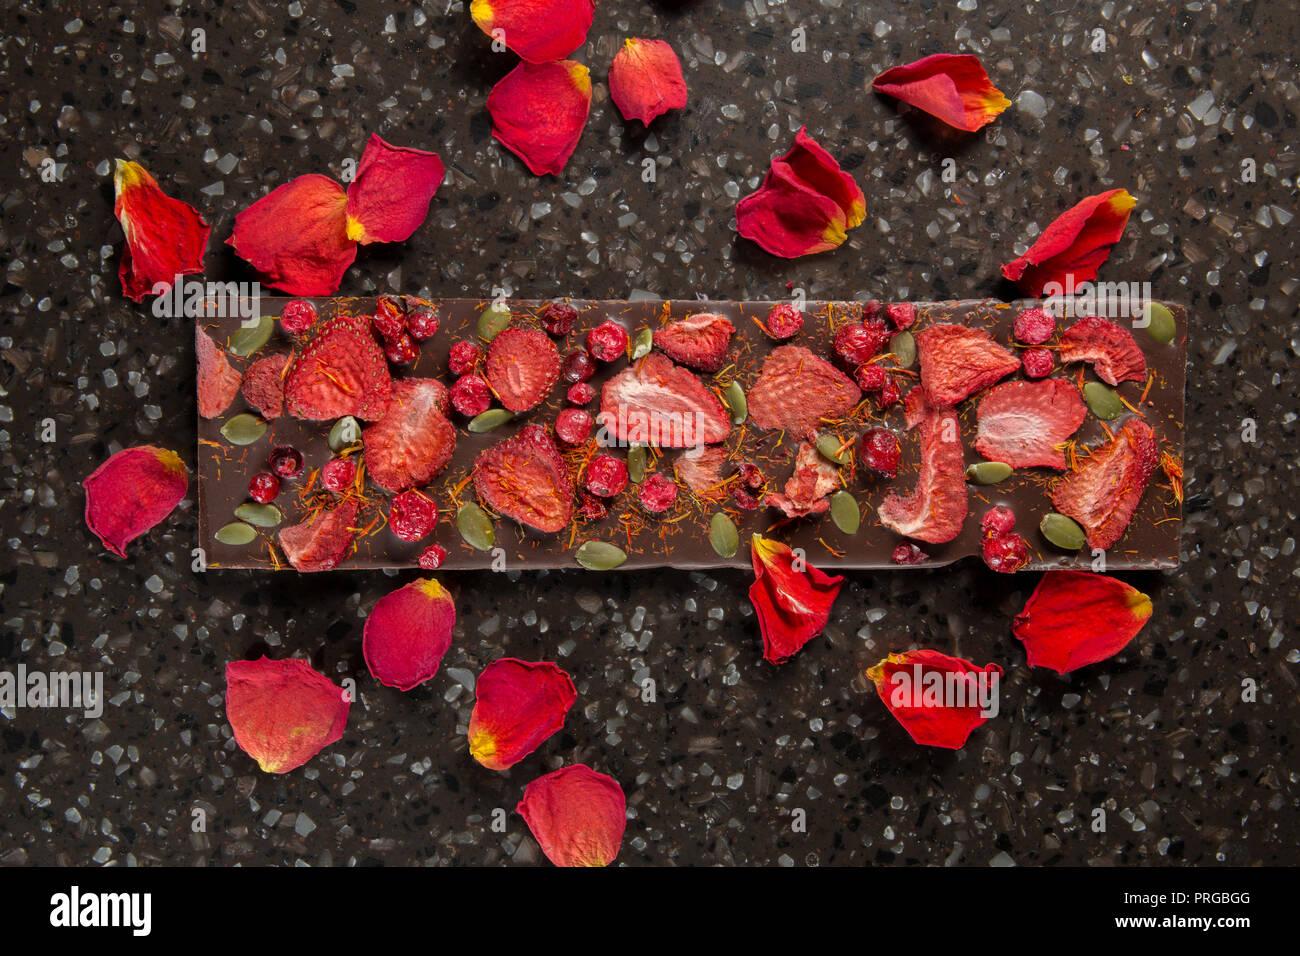 Barra de chocolate casero con fresas y arándanos secos en pétalos de rosa. Foto de stock